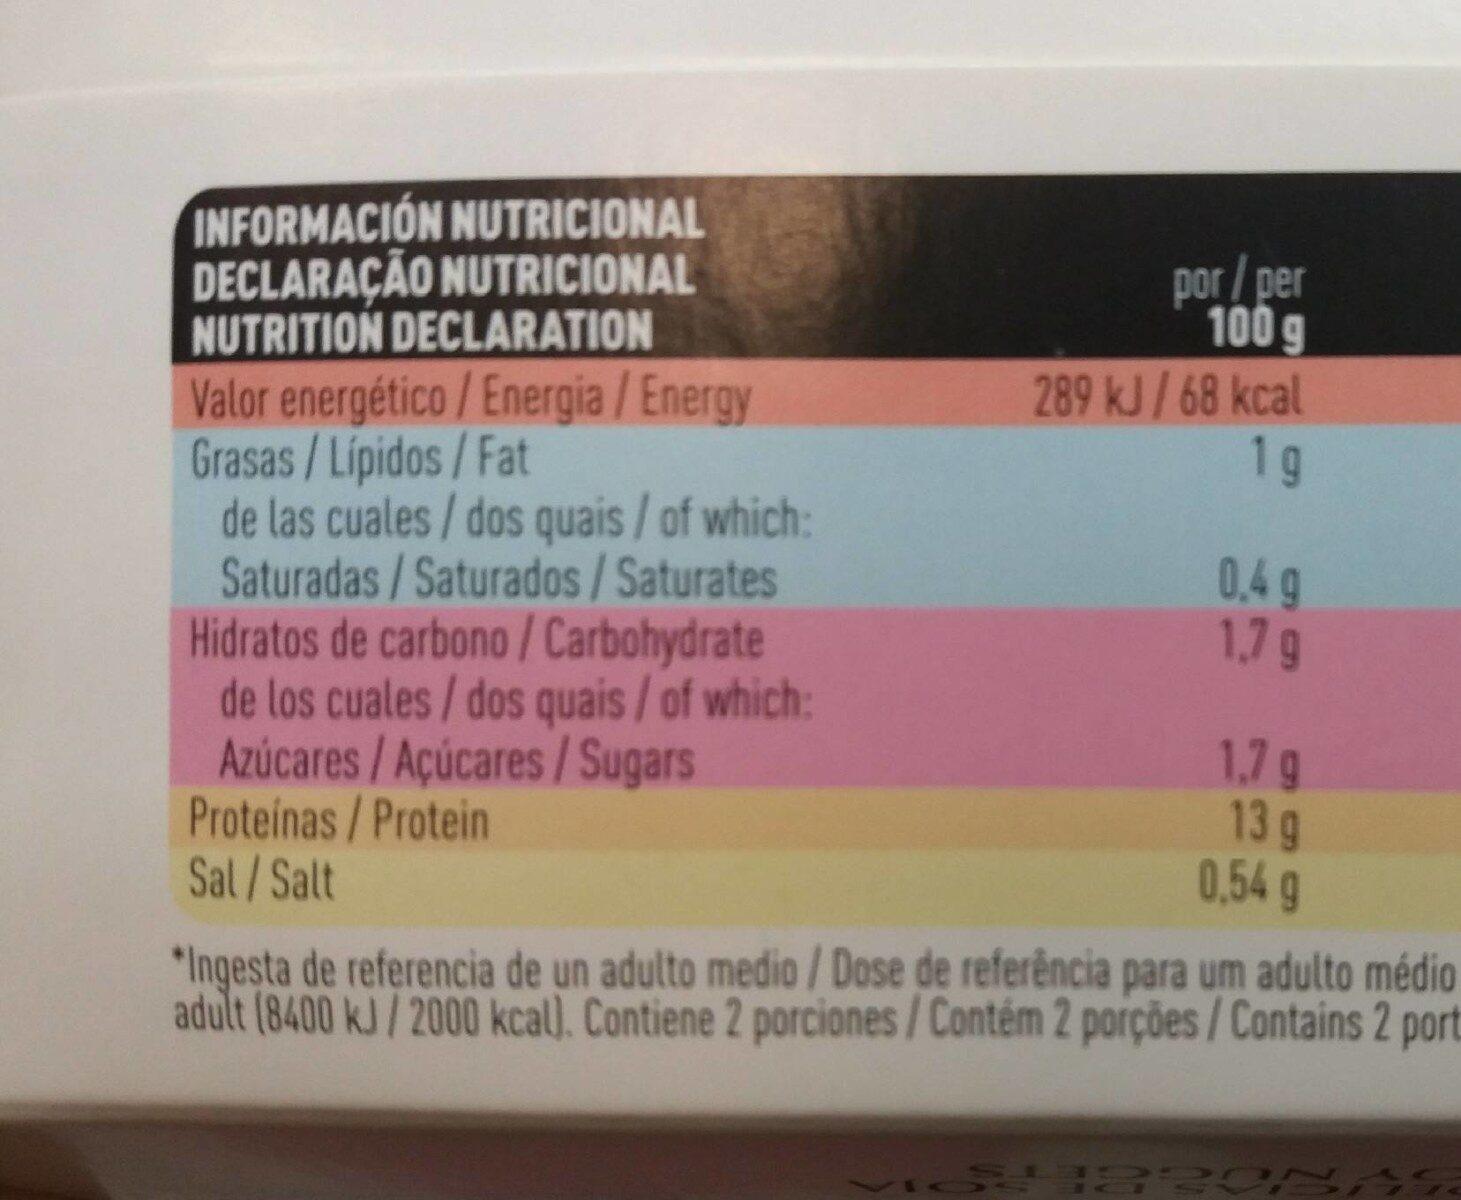 Delicias de soja - Información nutricional